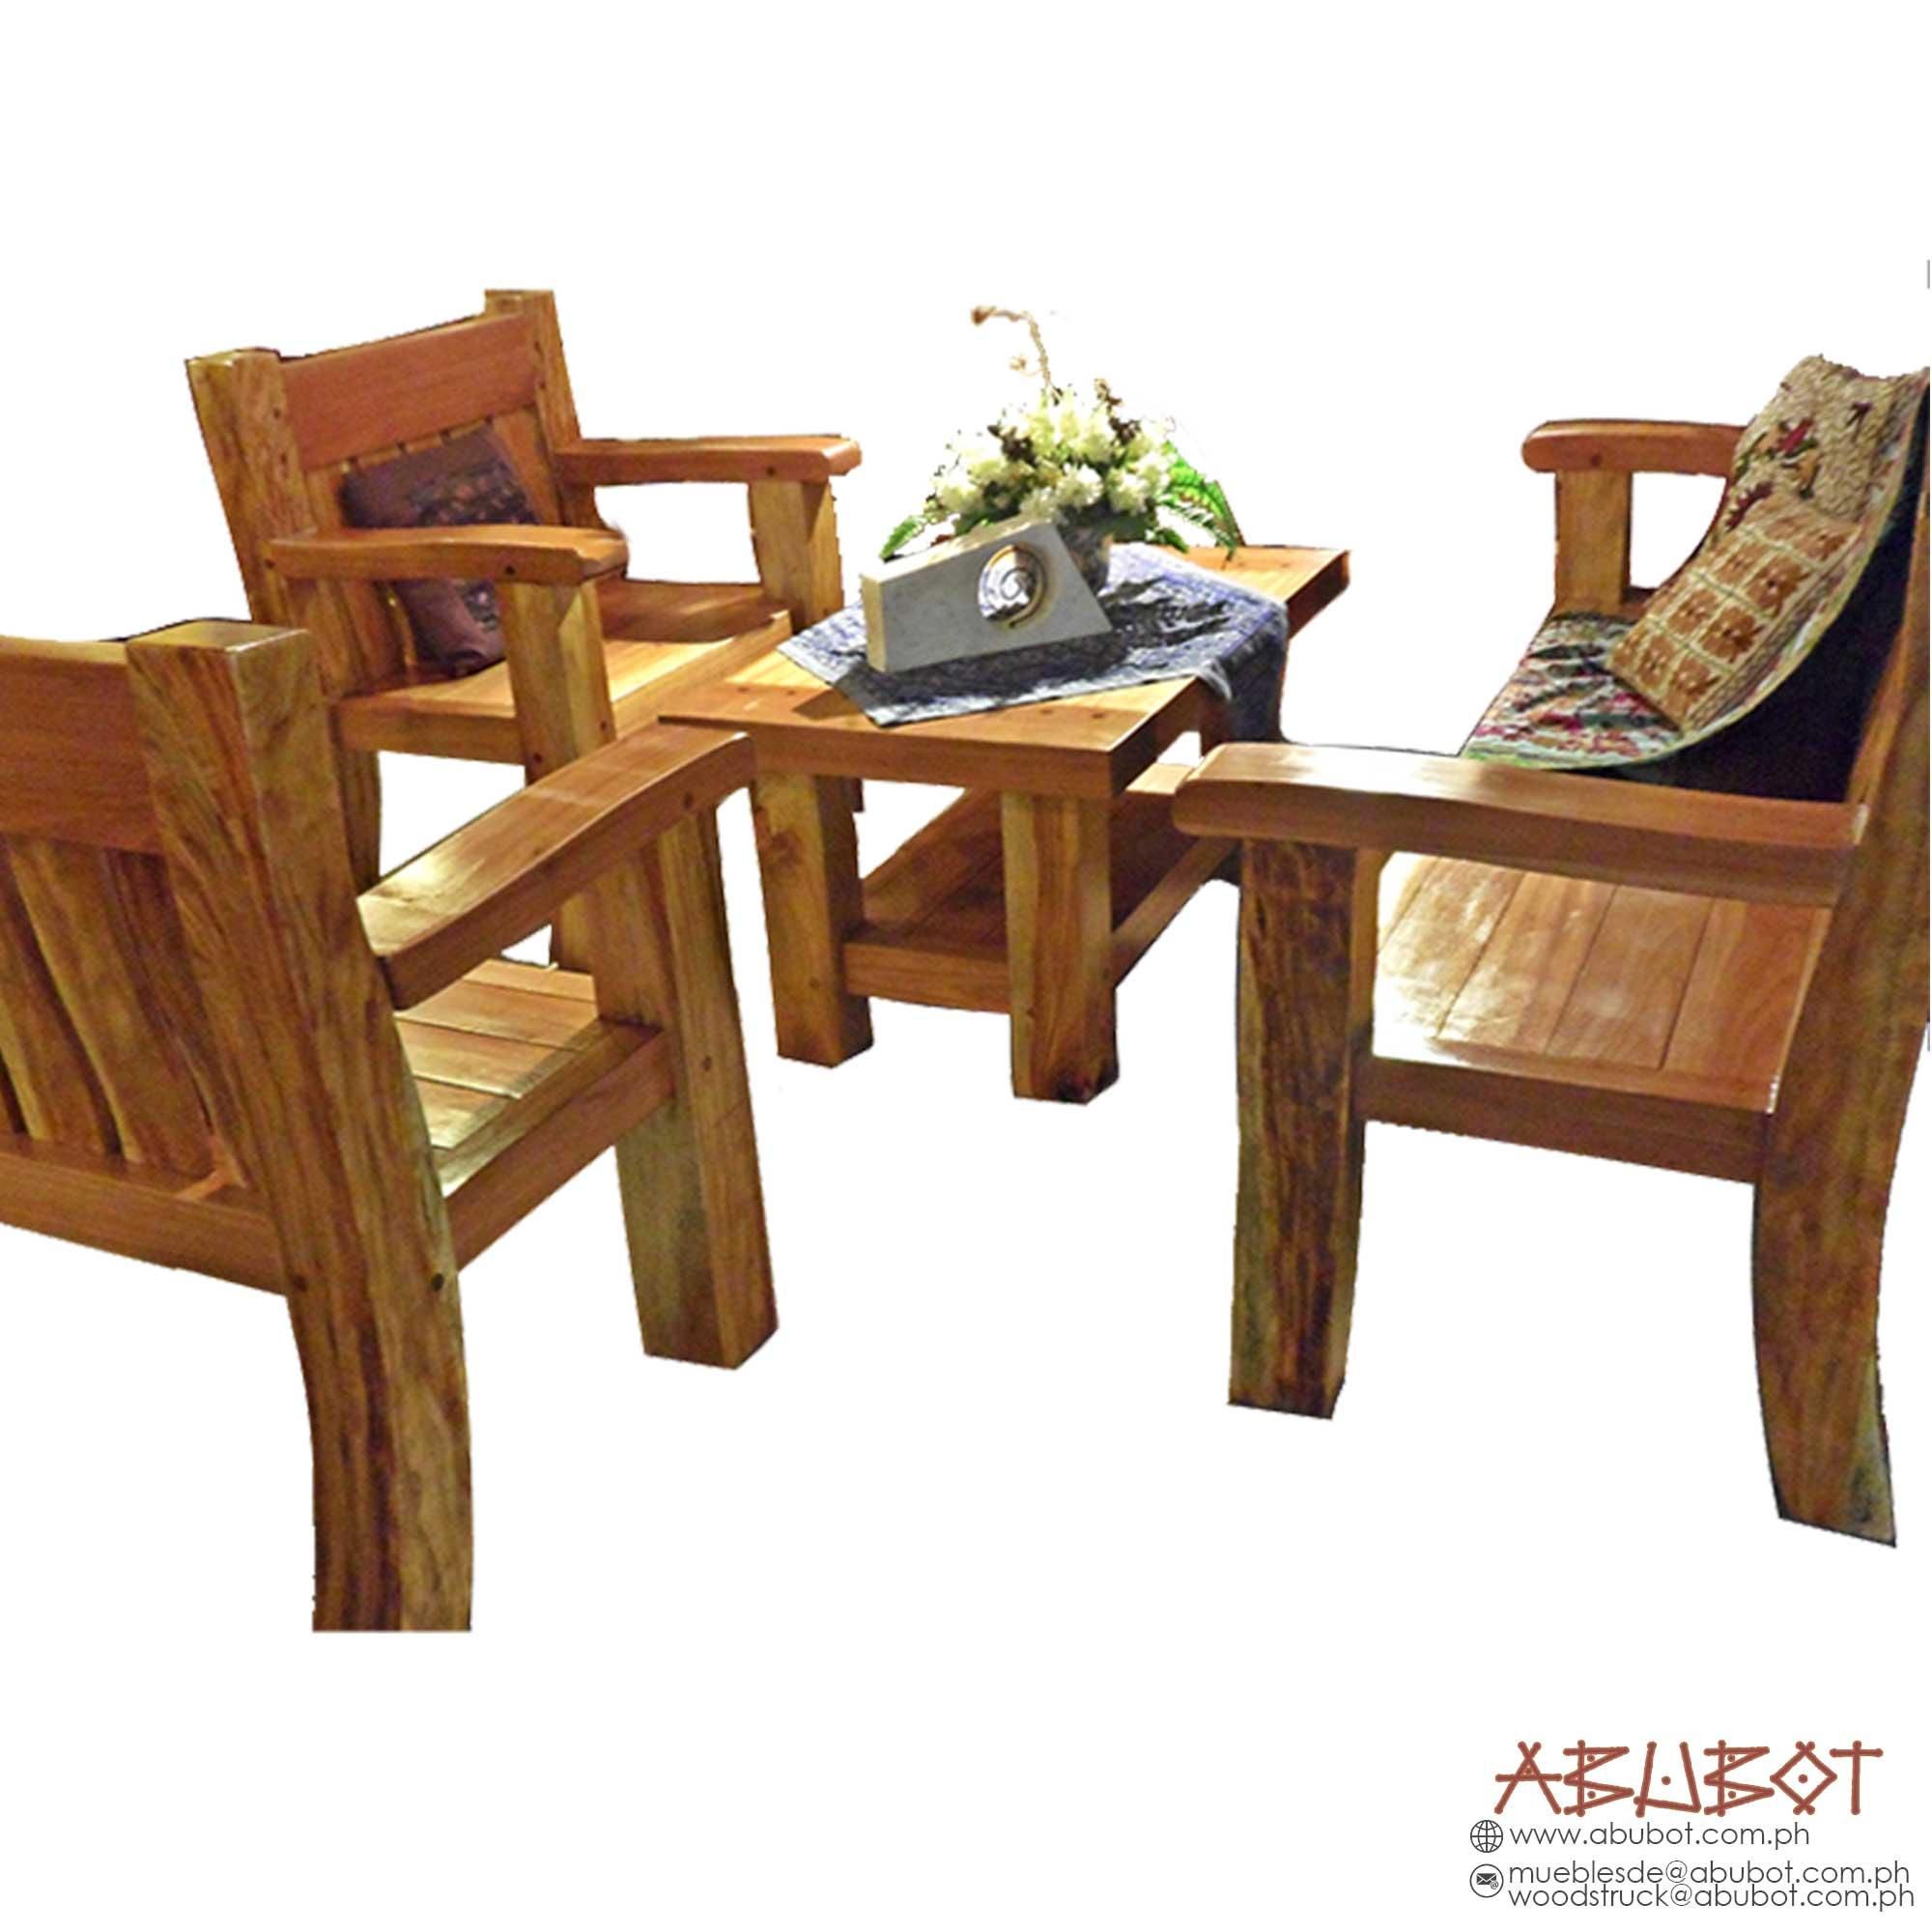 Muebles De Abubot # Muebles Sala Set